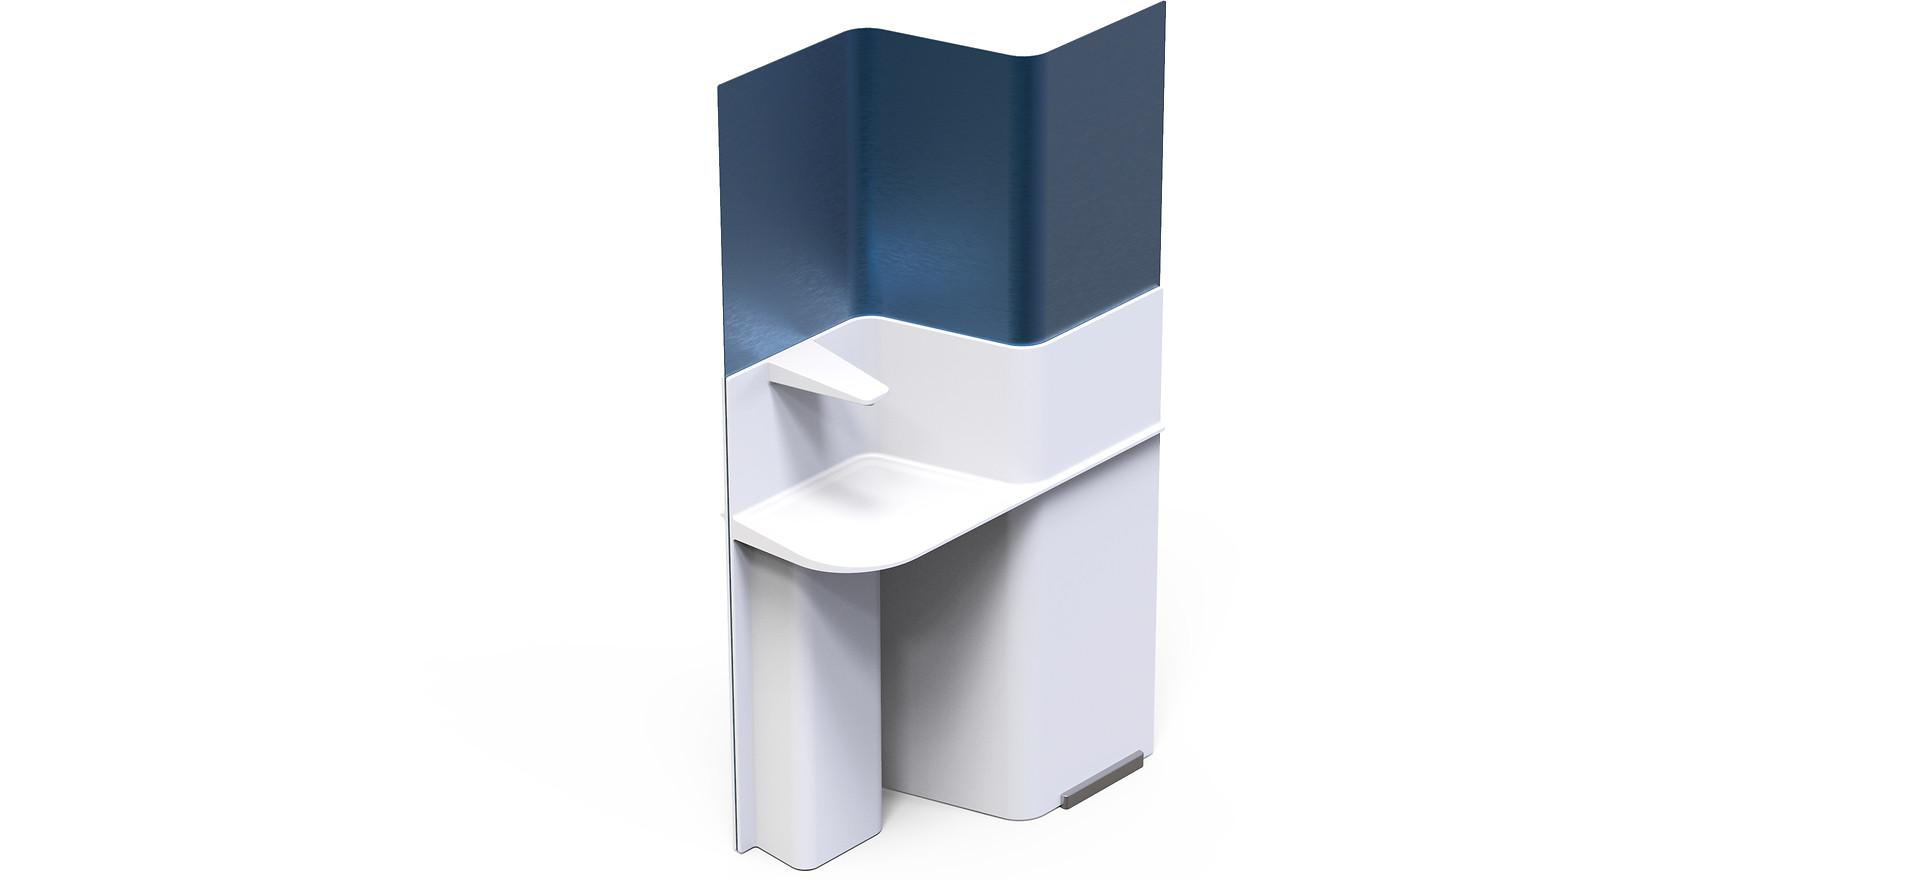 D-Bar - Disinfection unit for public buildings